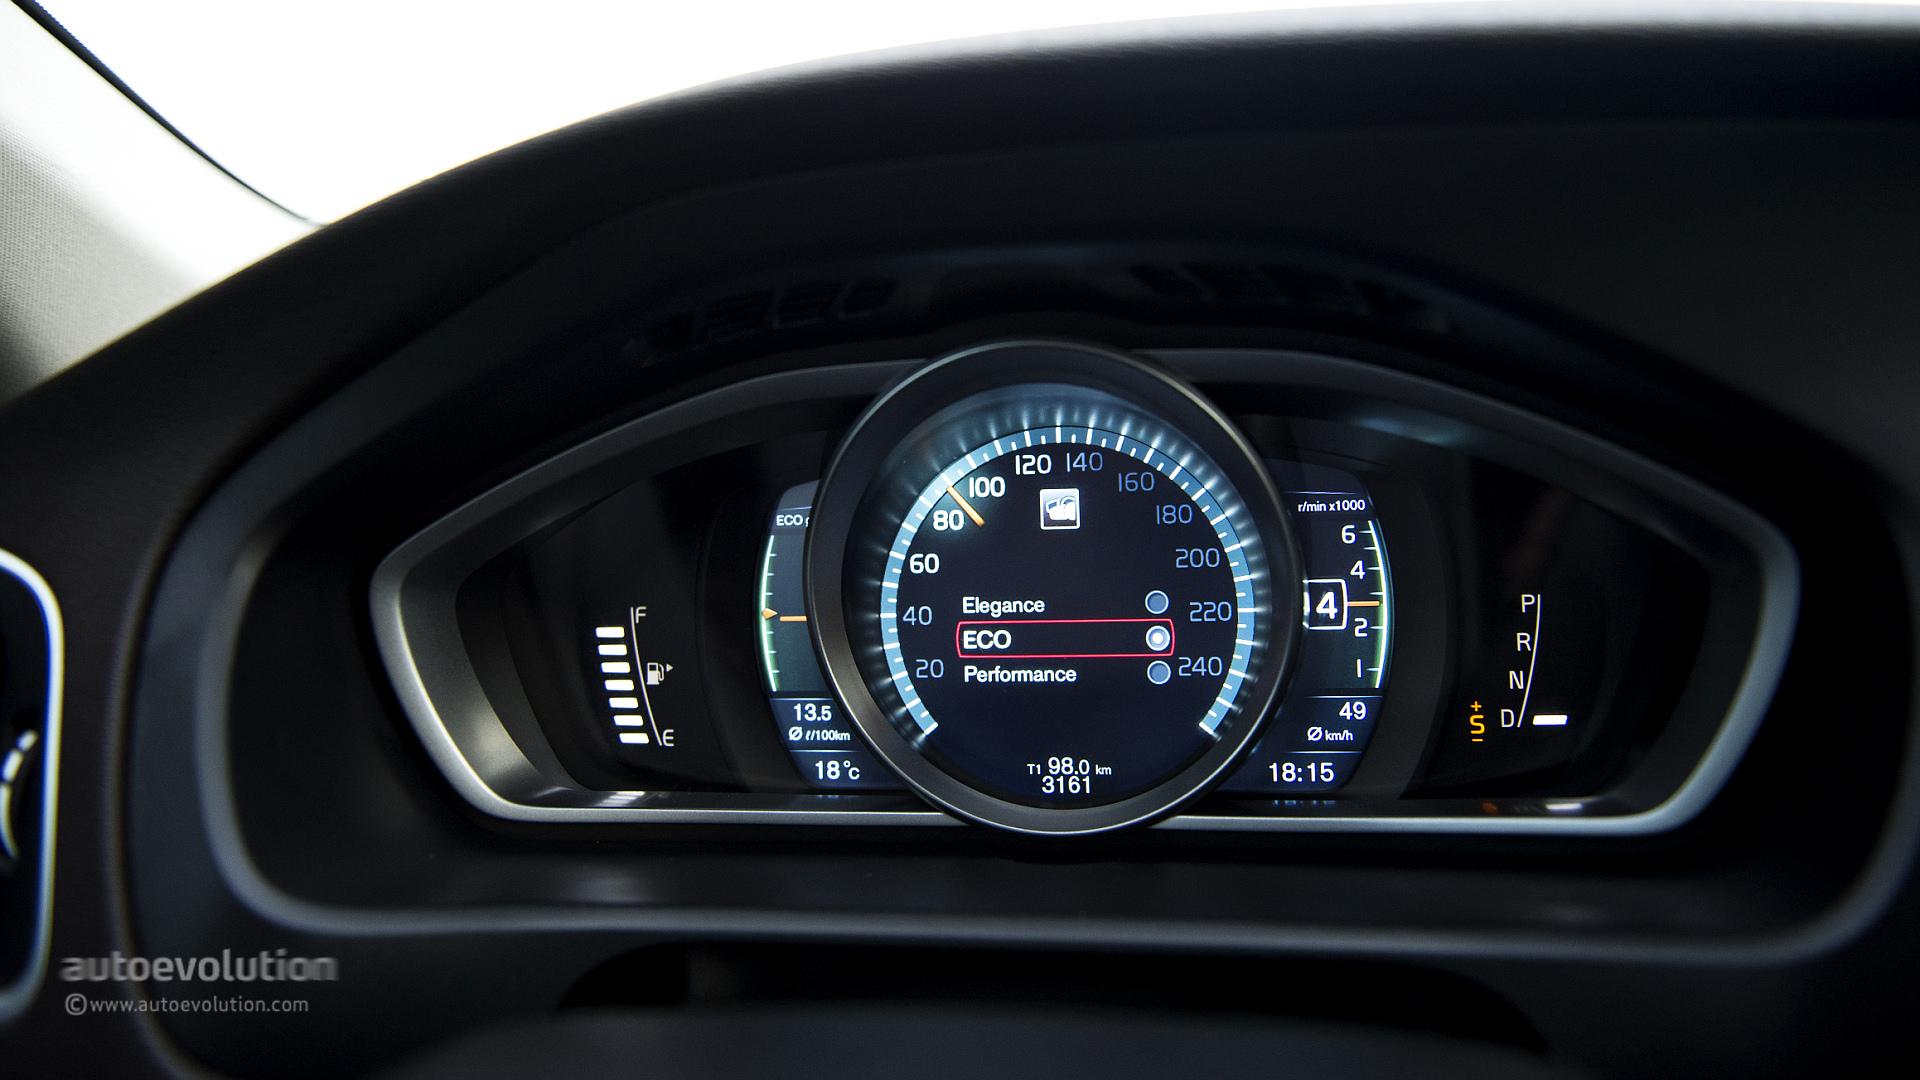 Mercedes GLA 220 CDI vs Volvo V40 Cross Country D4: the Cross-Hatch Comparison - autoevolution